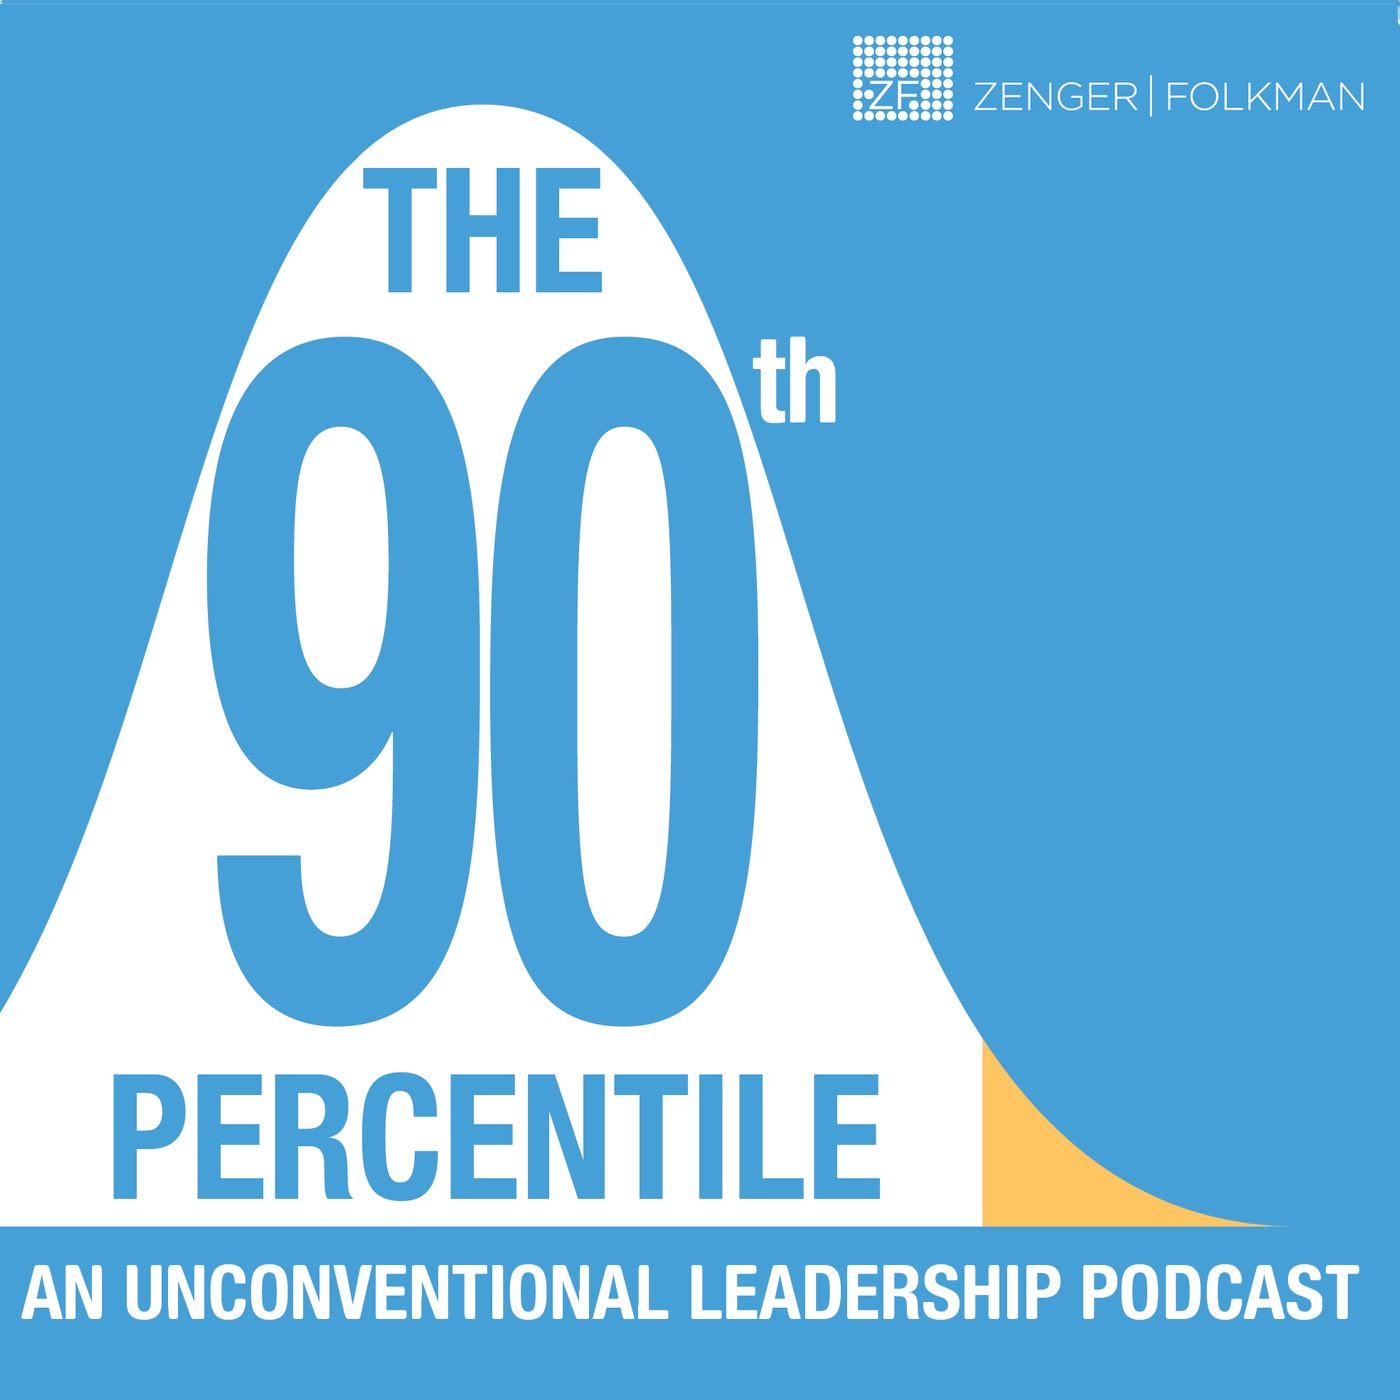 The 90th Percentile